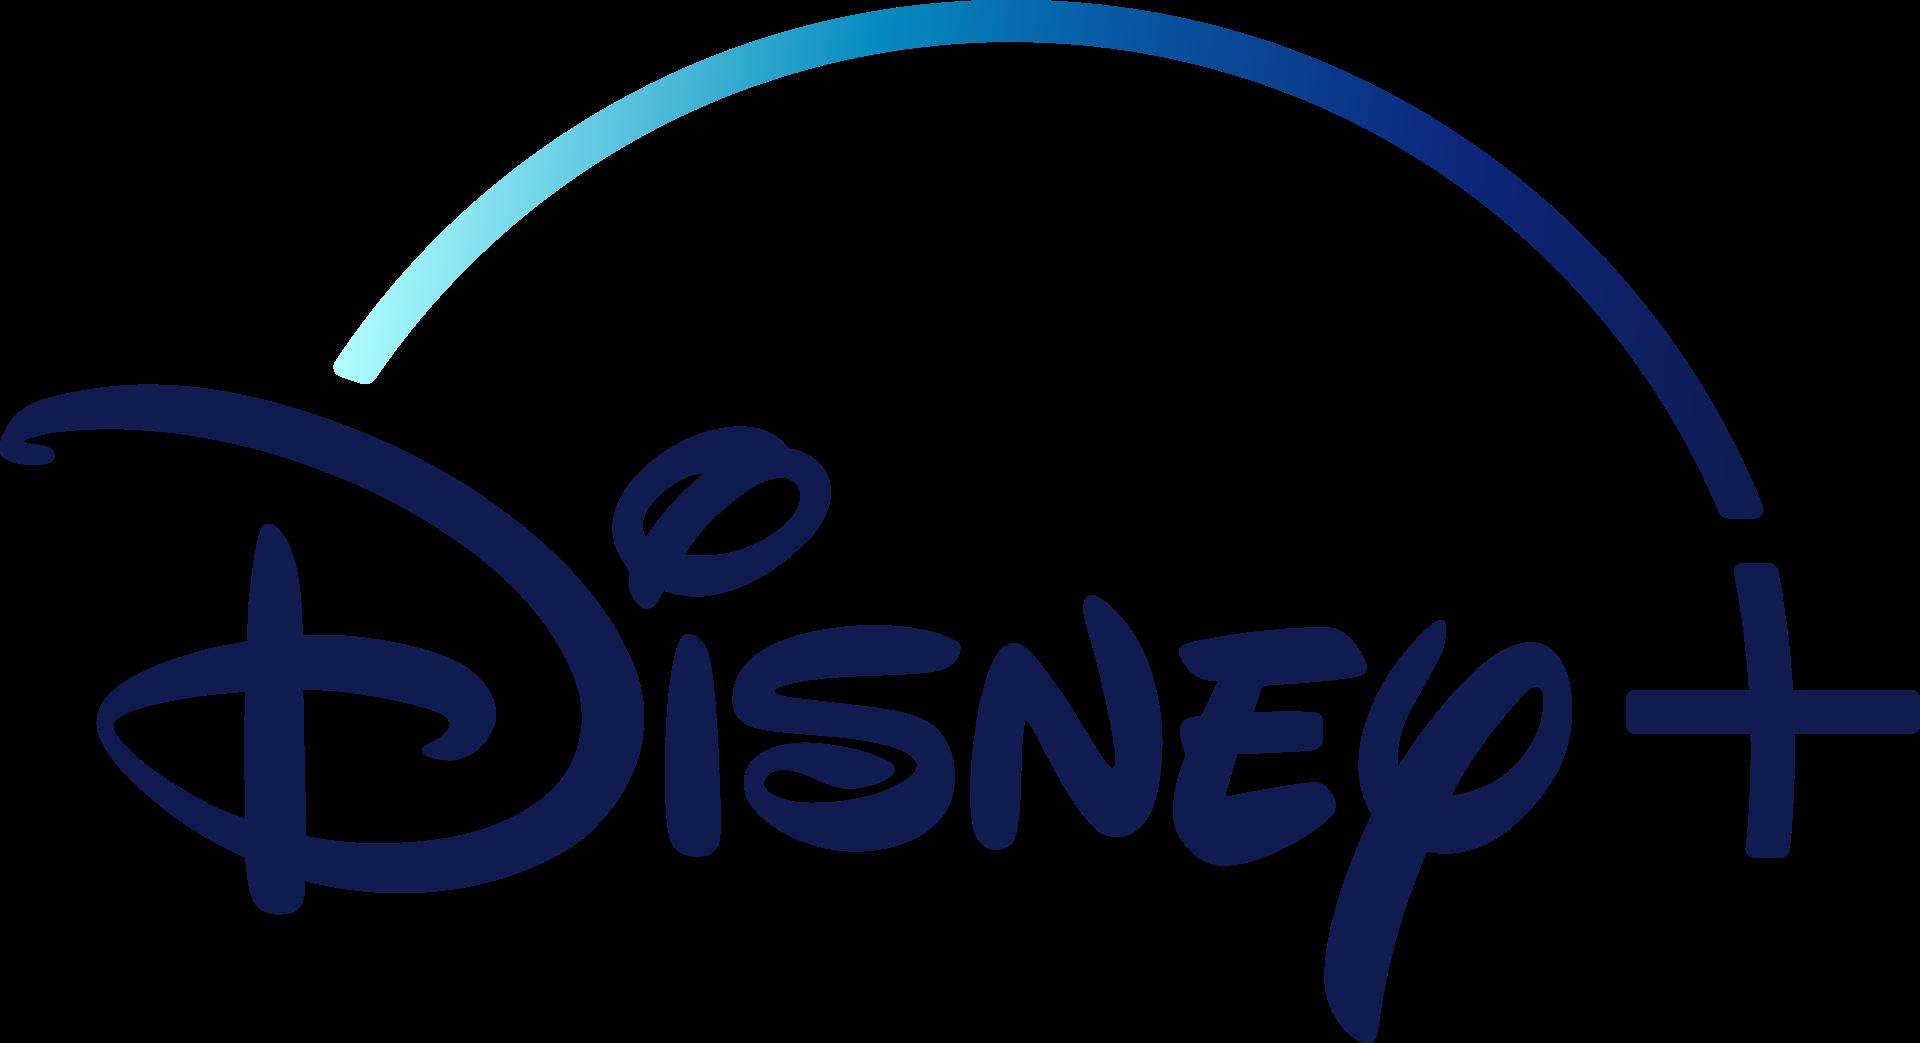 Disney+ bajado de 69,99 euros(EUR) a 59,99 euros(EUR) durante un año: oferta limitada hasta el 23 de marzo